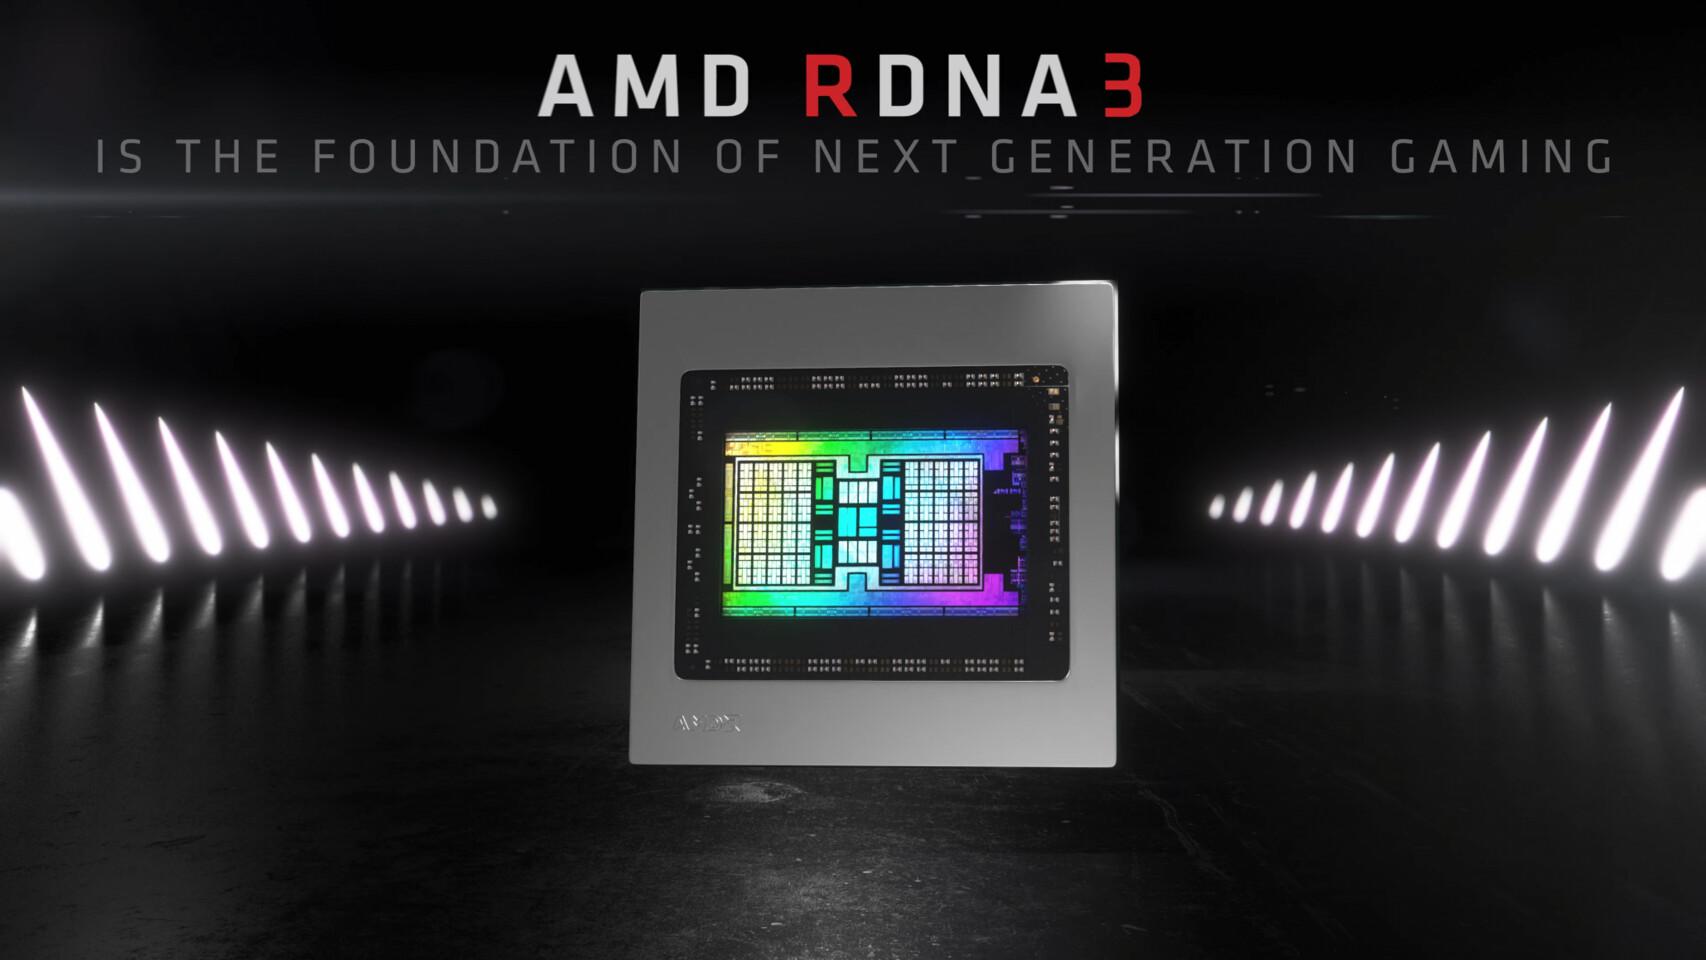 احتمال پشتیبانی معماری RDNA3 کمپانی ایامدی از درگاه DisplayPort 2.0